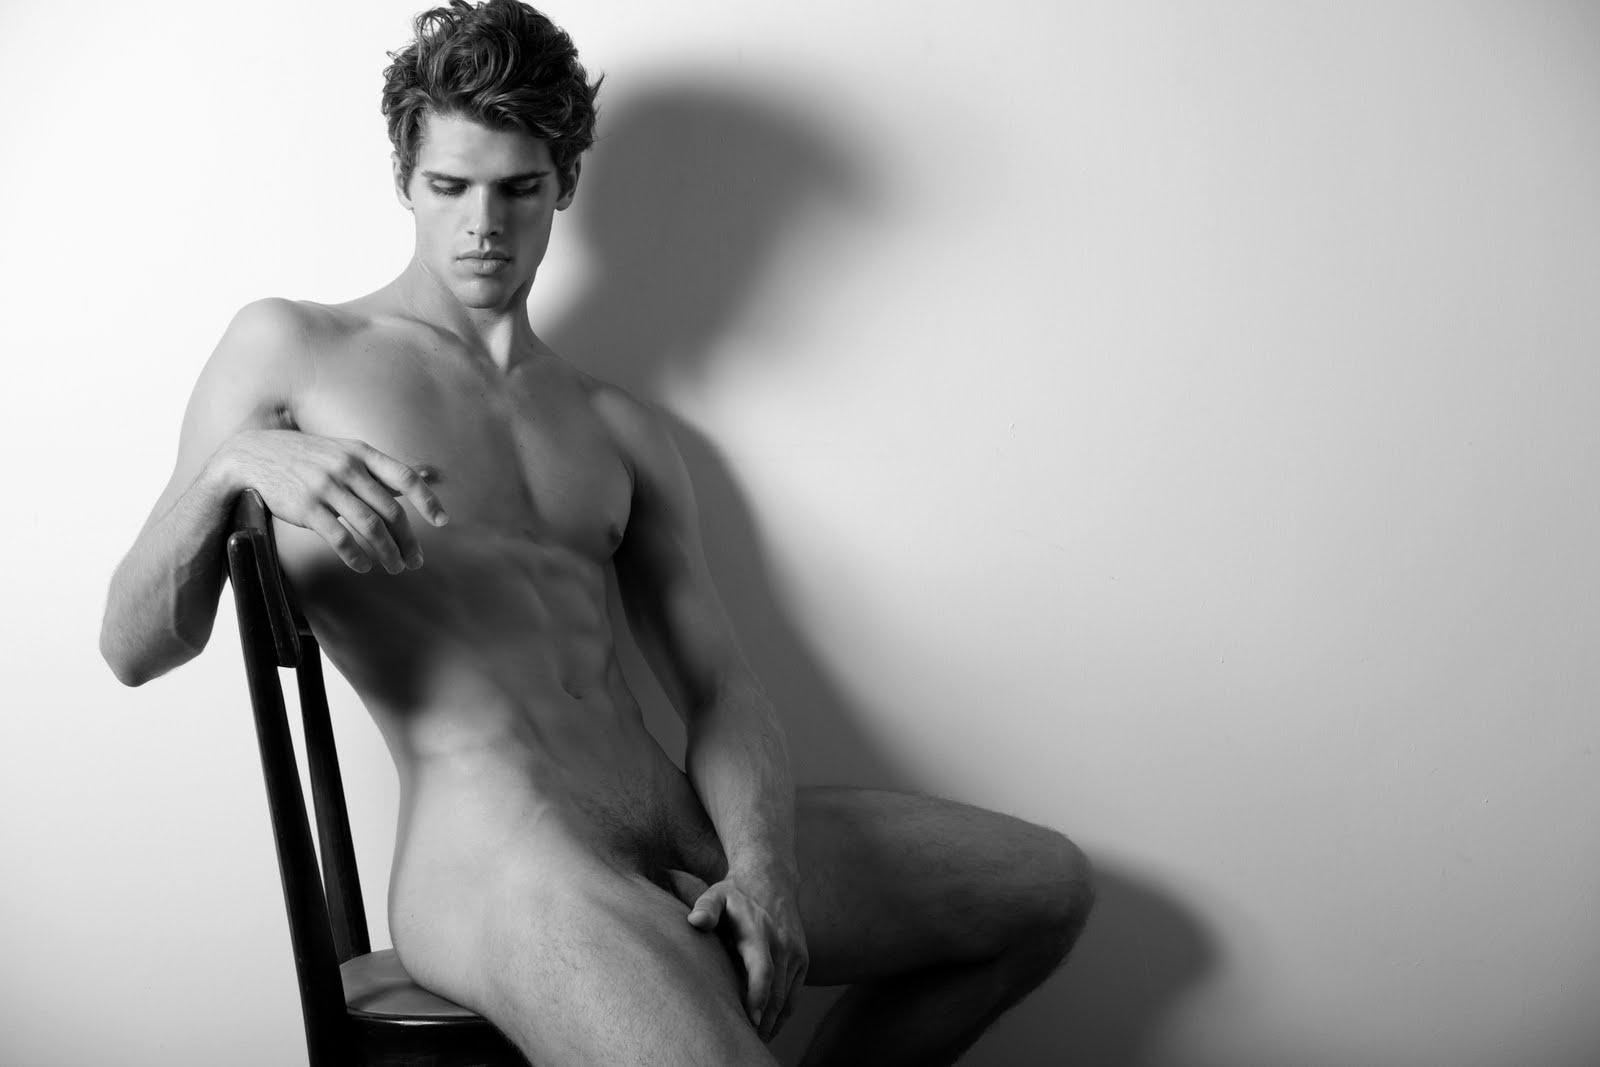 Секс фото тел голых мужчин, Голые парни - мужики и крепкие обнаженные мужчины 5 фотография